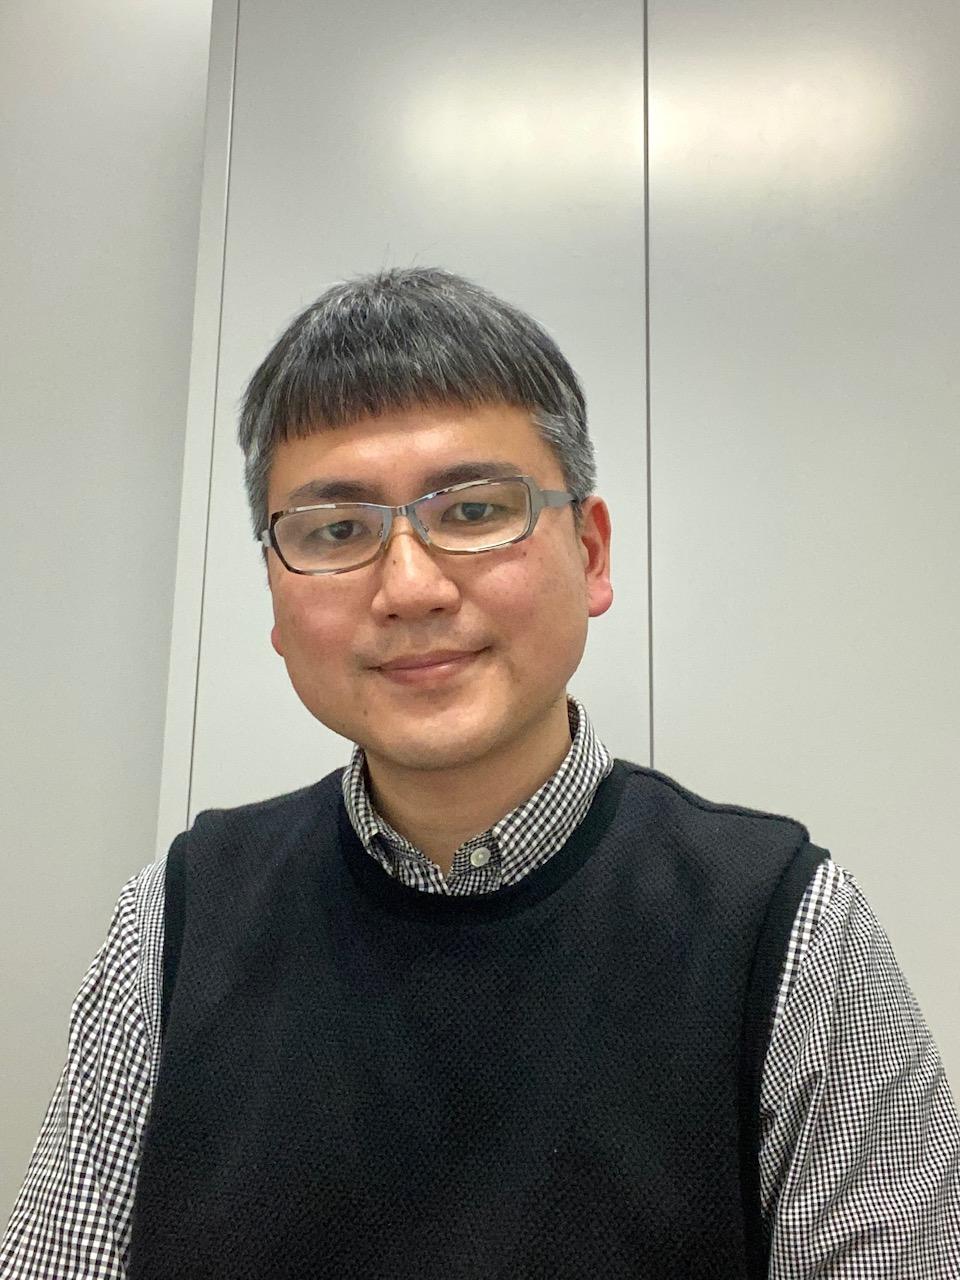 教授: 山本 洋介